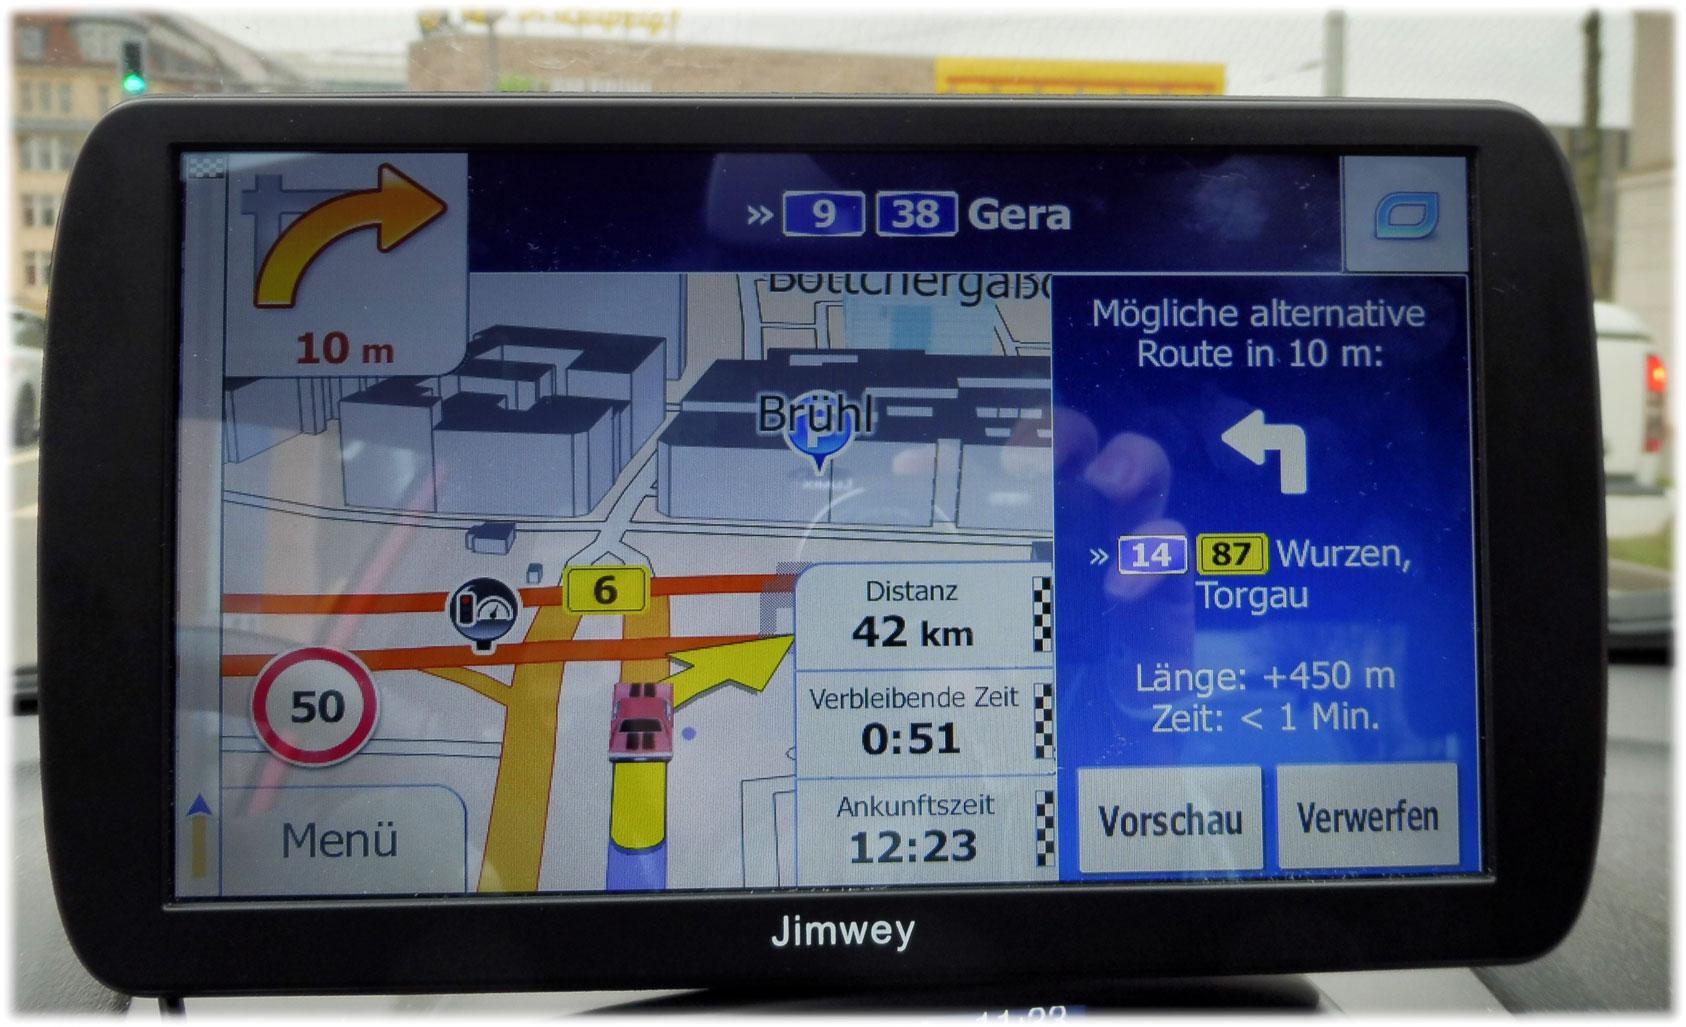 Jimwey-alternativroute-3d-ansicht